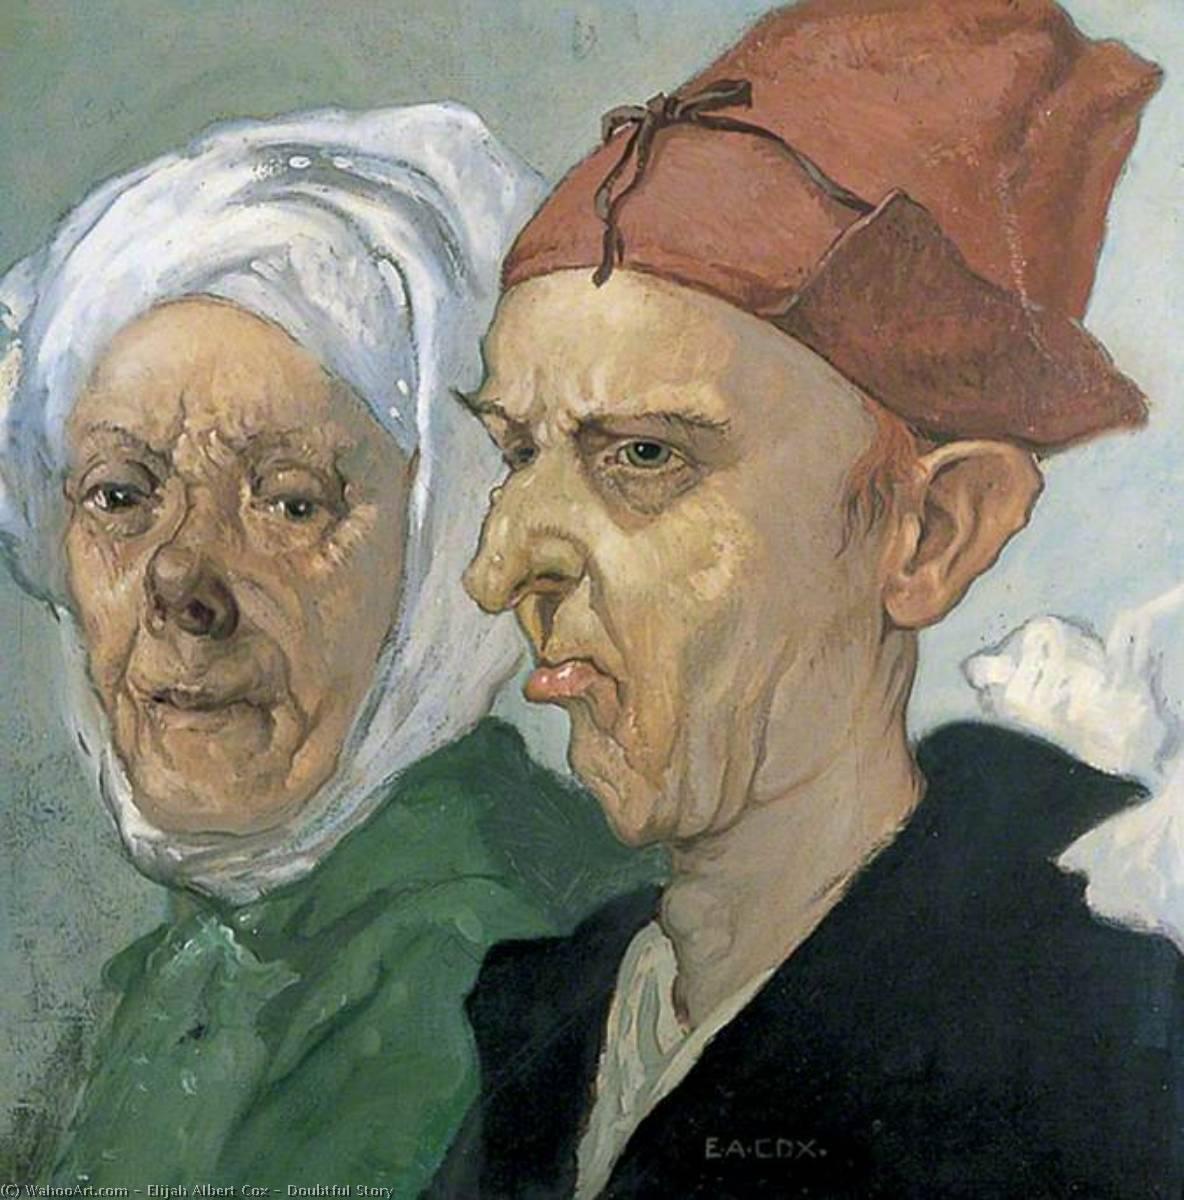 dudosa historia , óleo sobre lienzo de Elijah Albert Cox